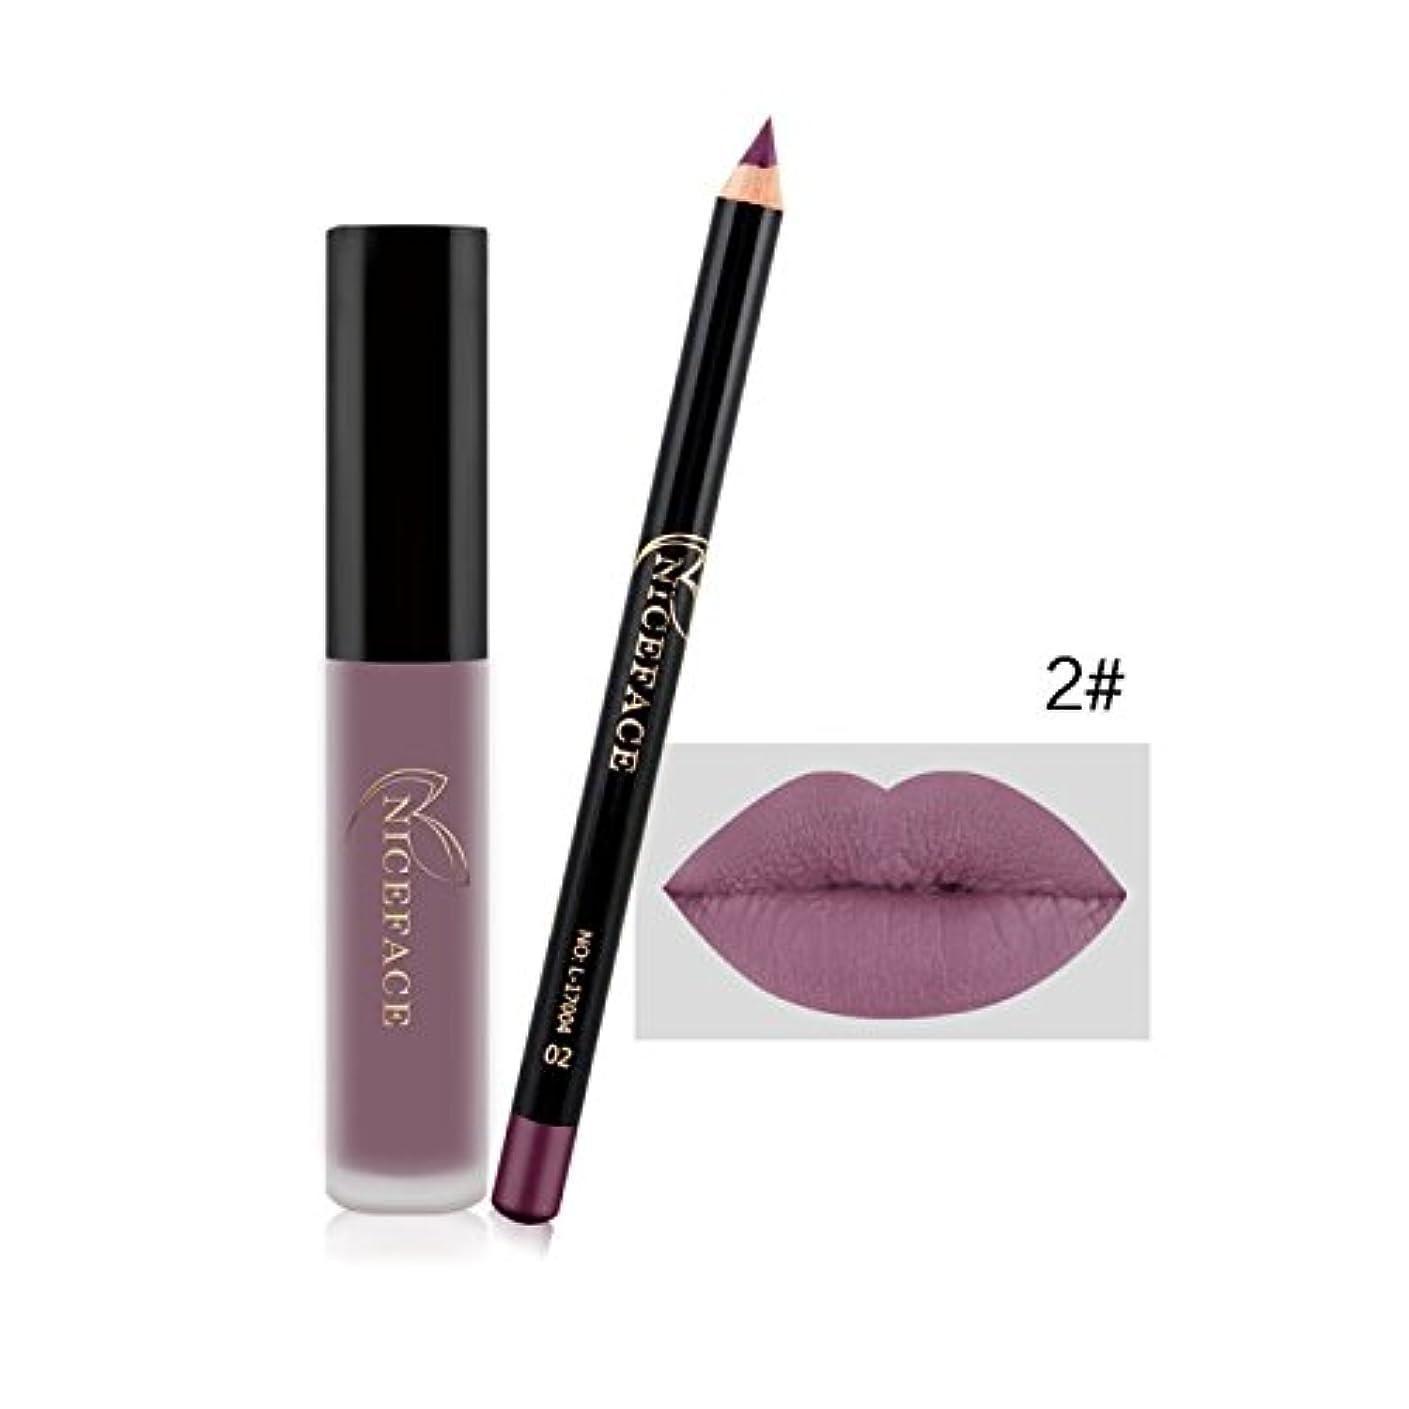 巻き取り近くバッジ(2#) Makeup Set Lip Gloss + Lip Liner Set Lip Set Matte Lipstick Long Lasting Waterproof Solid Lip Pencil Liner...